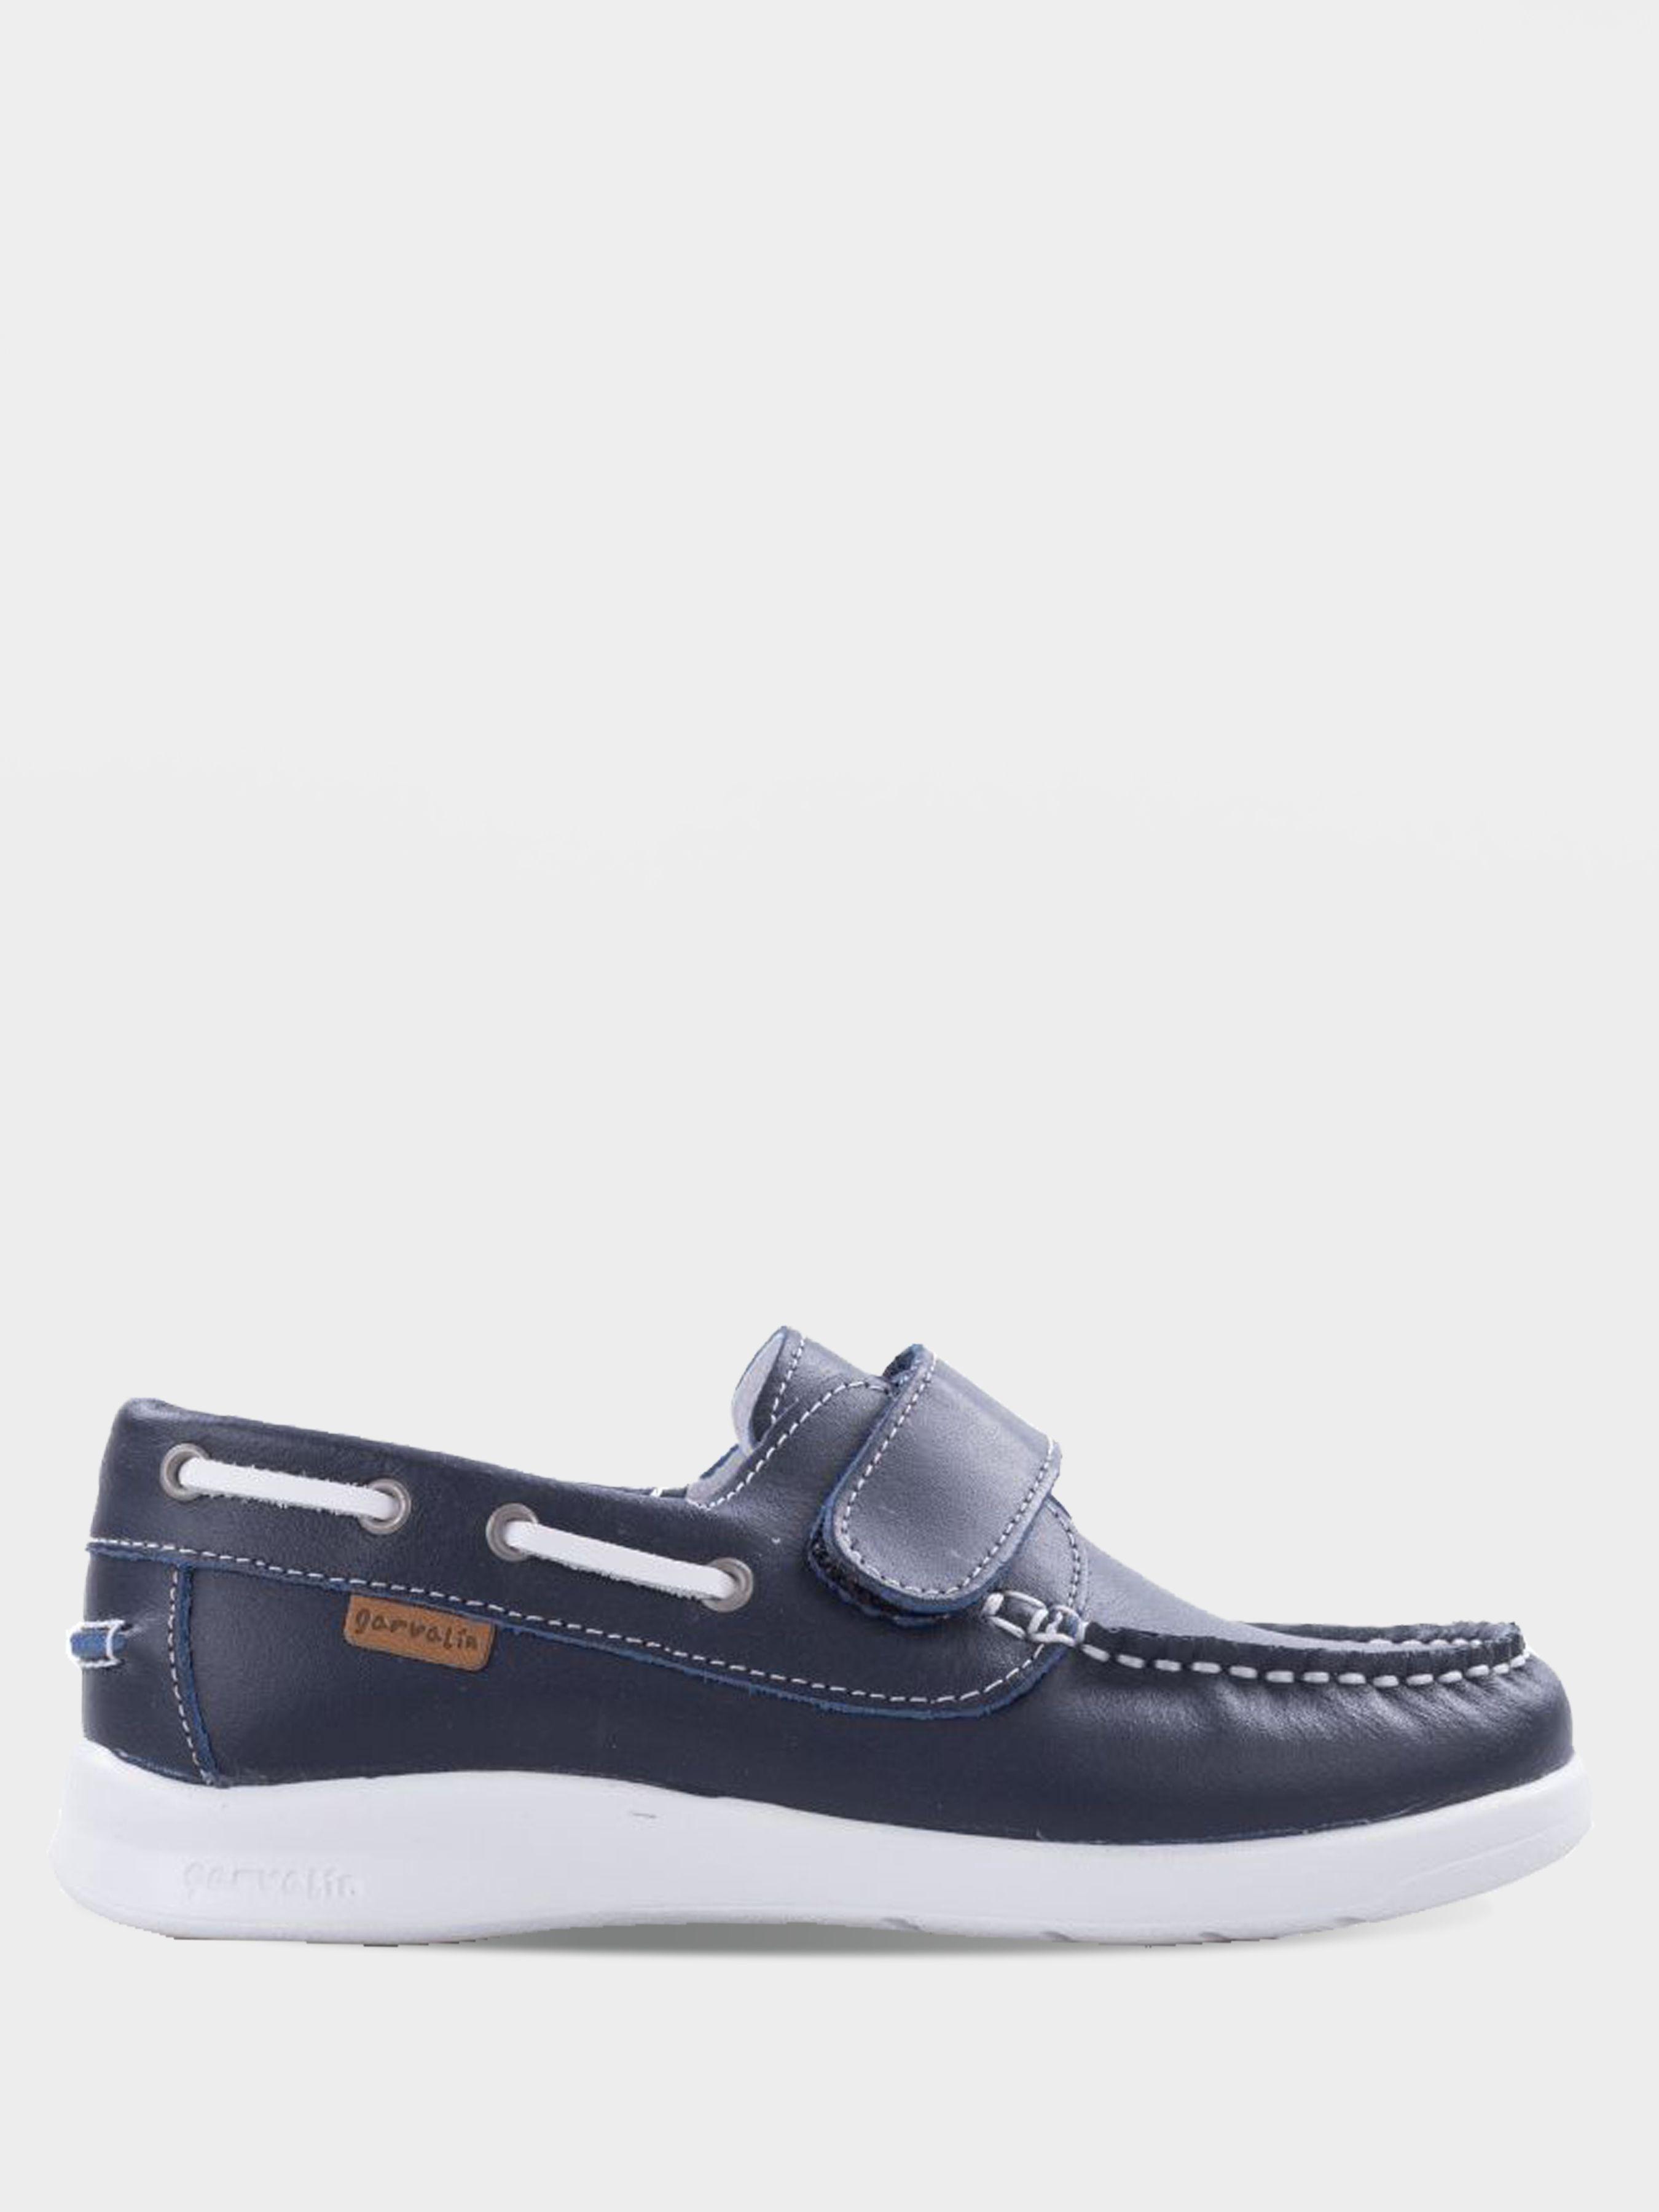 Мокасины для детей Garvalin GL537 размерная сетка обуви, 2017